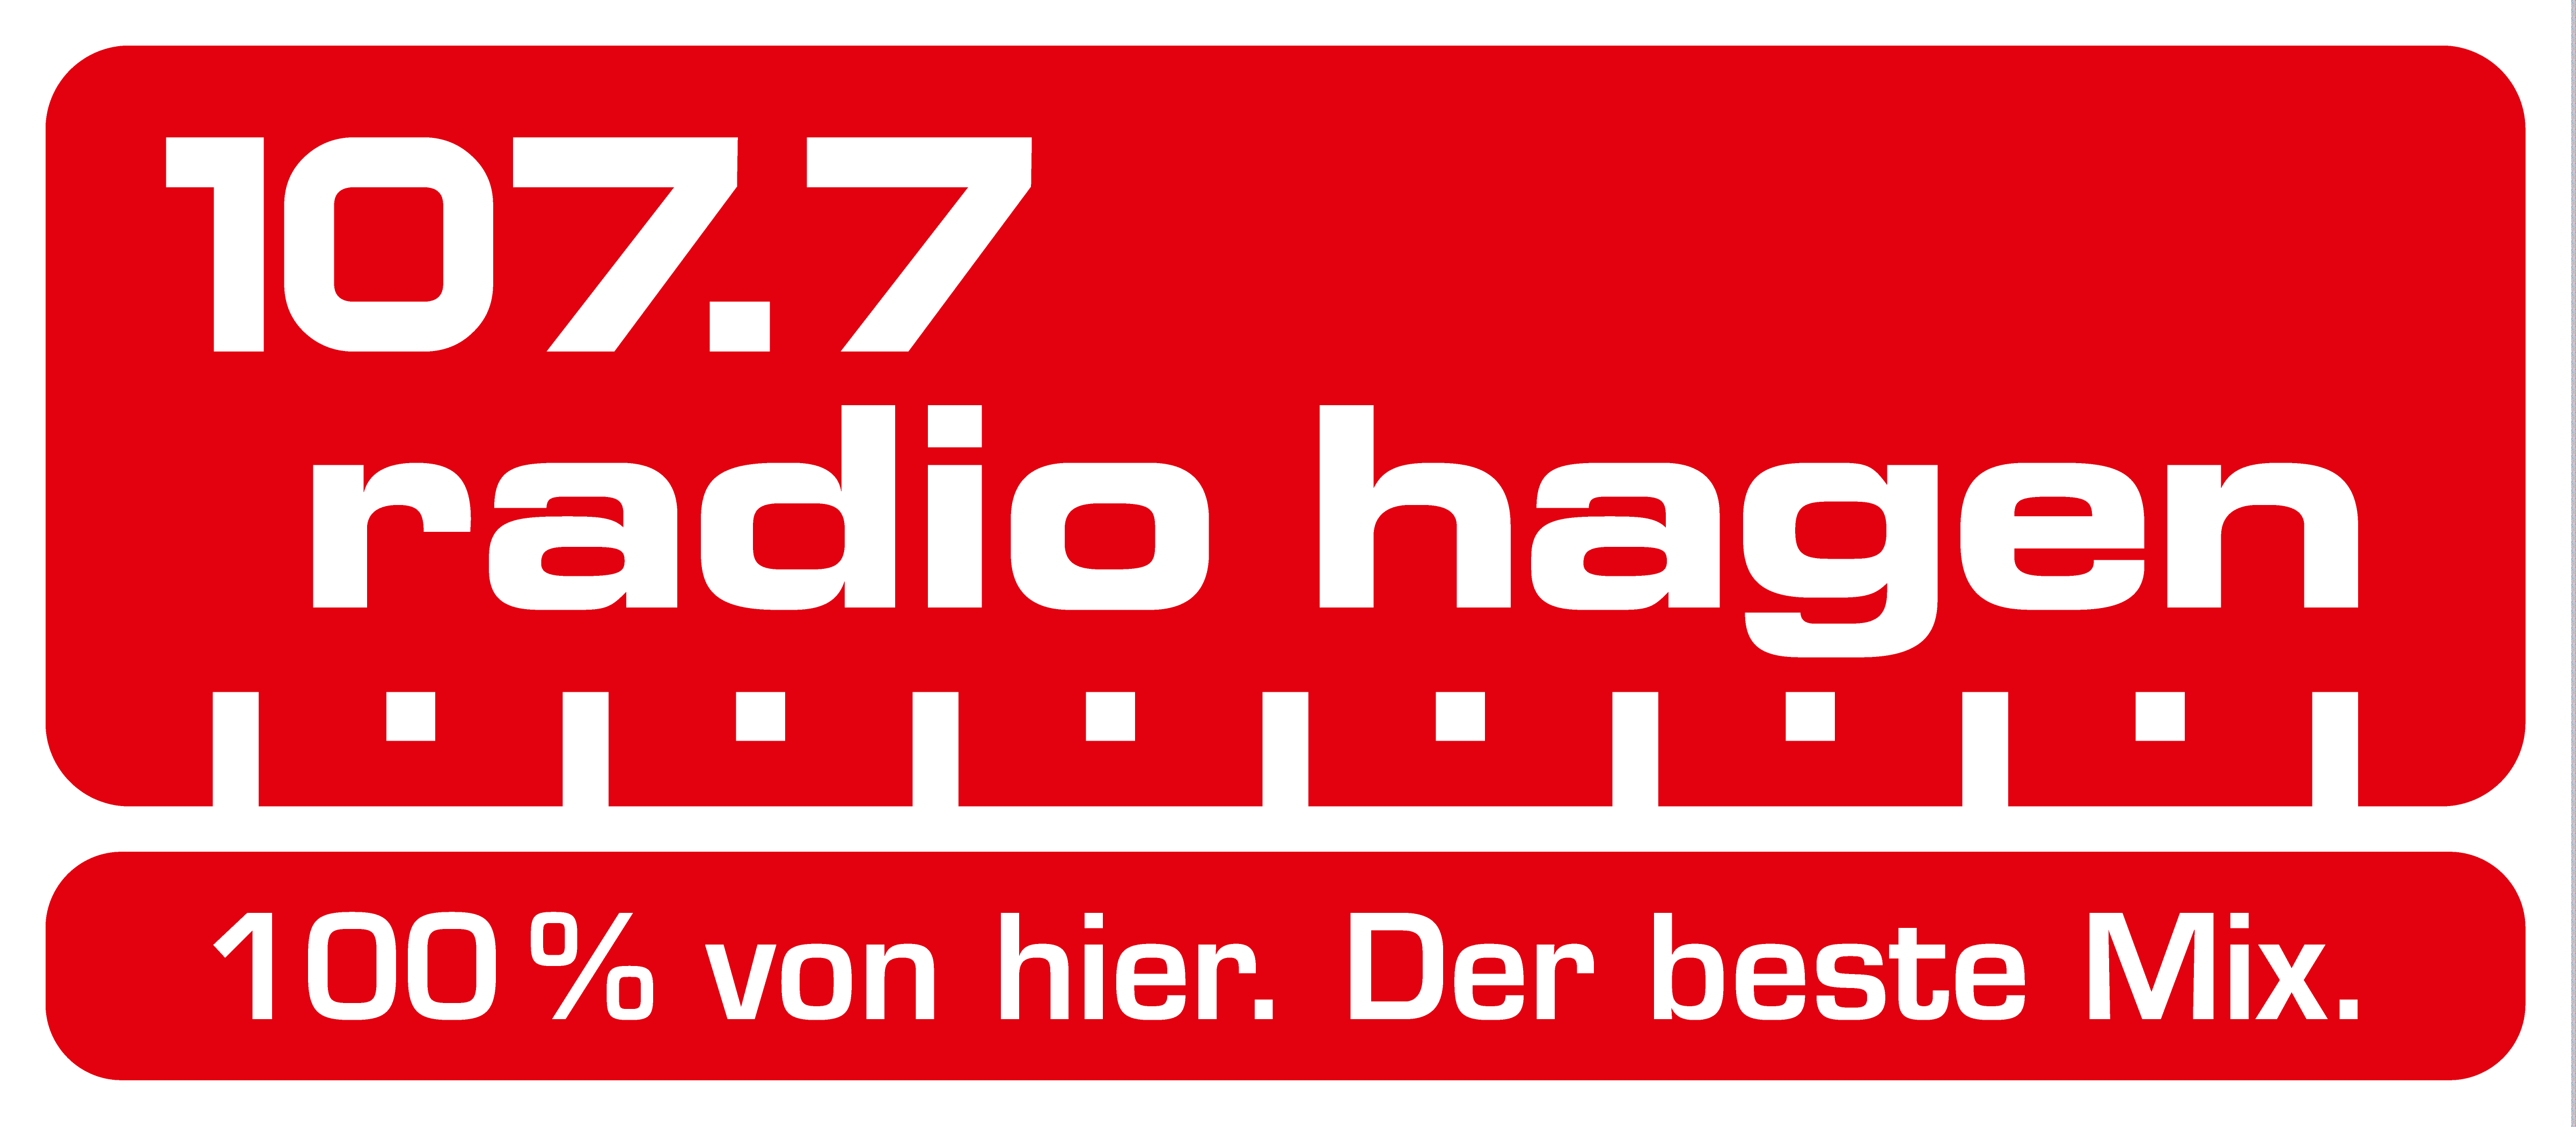 Fußball Inside Der Podcast Aus Dem Ruhrgebiet